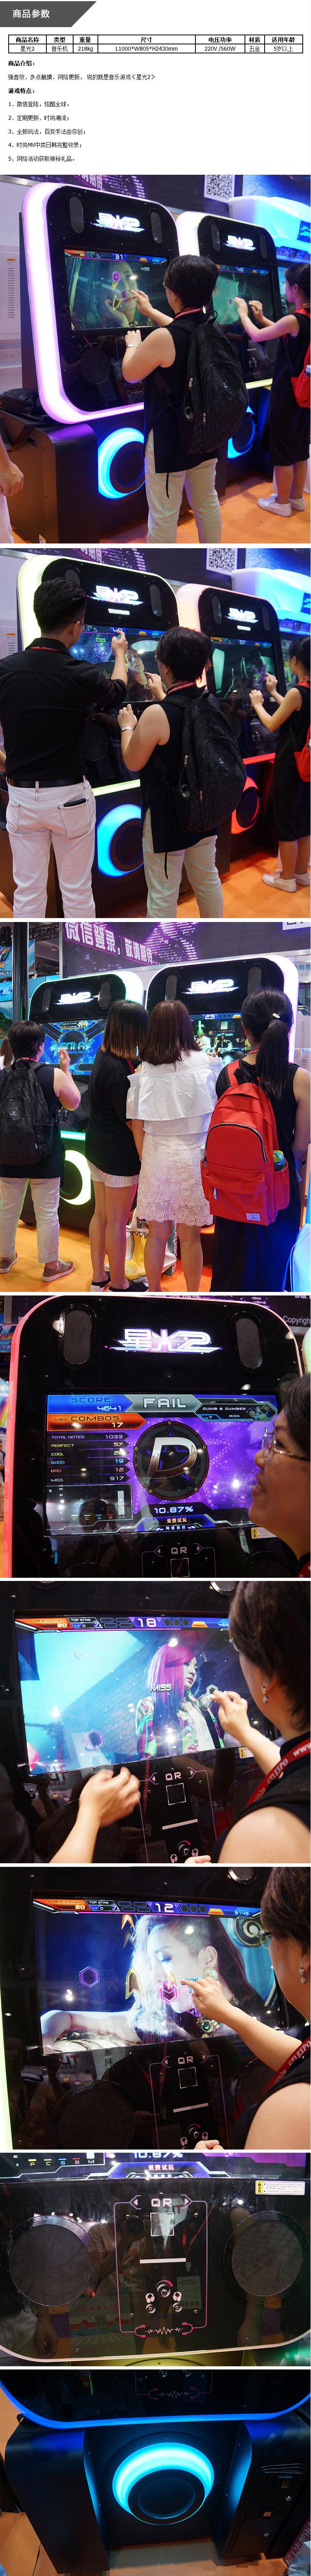 星光2游戏机